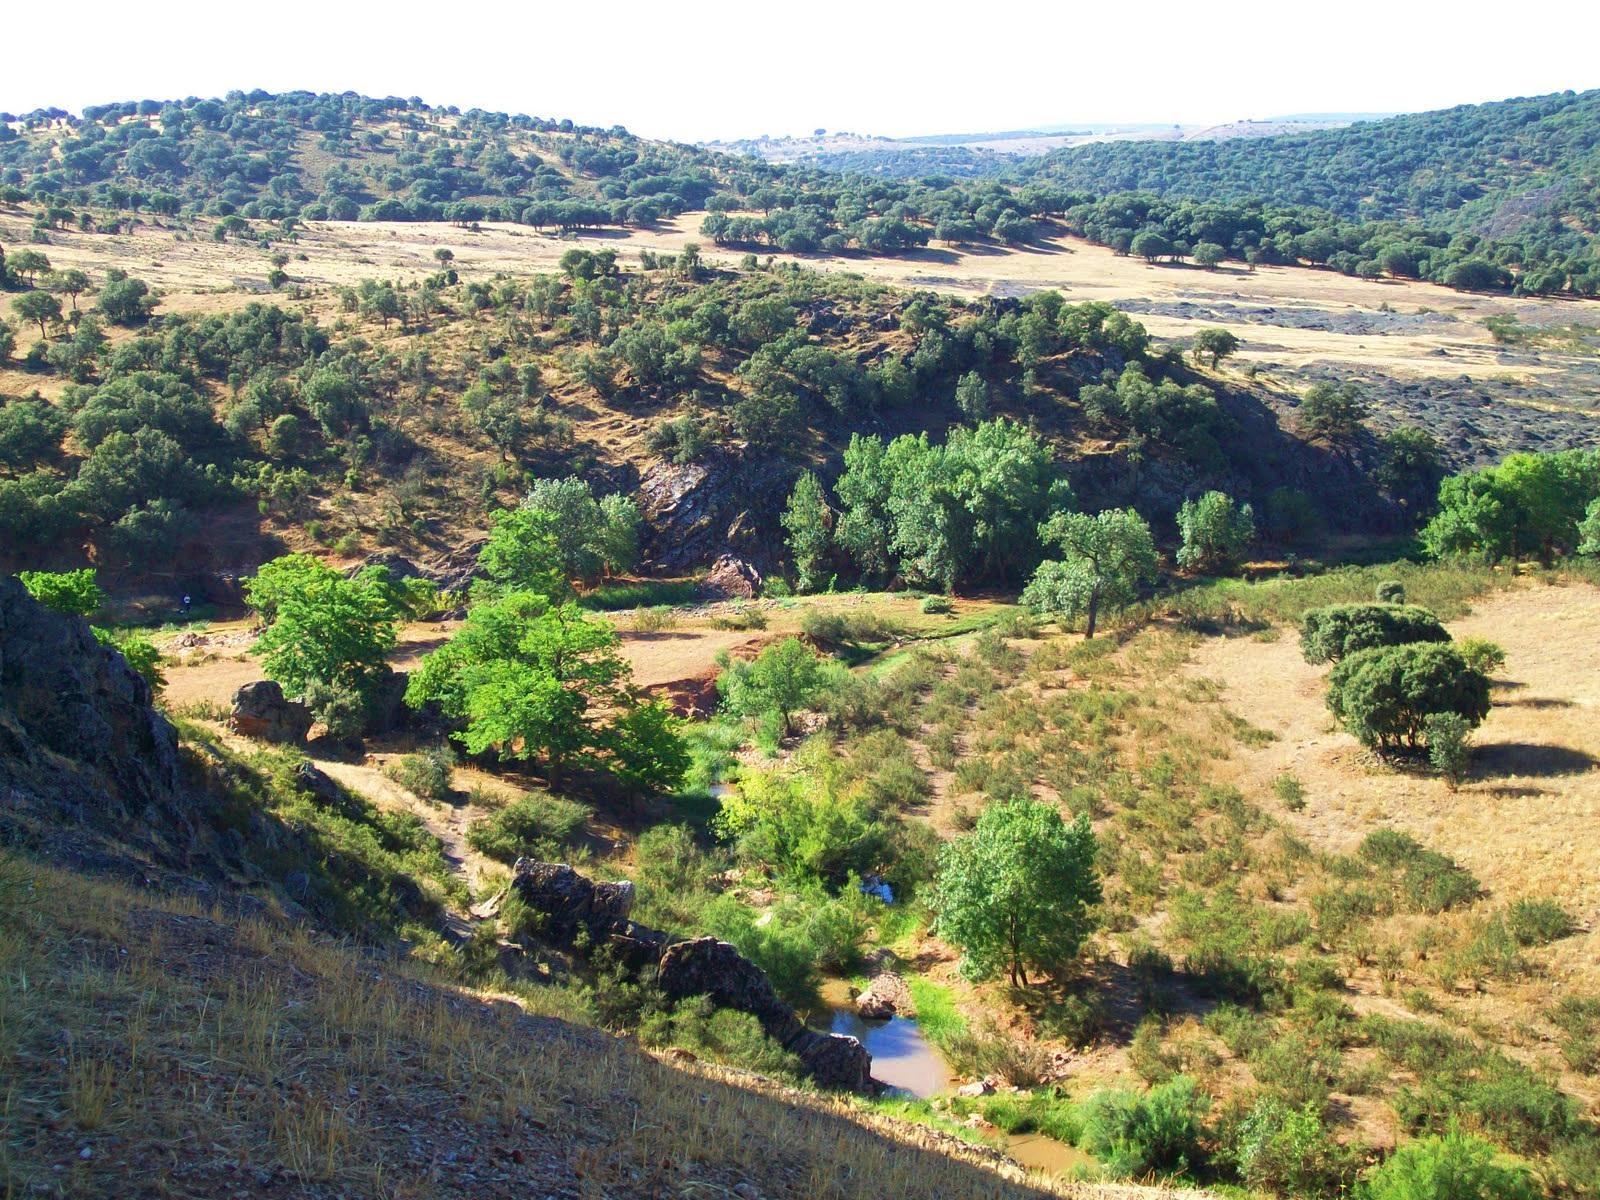 Santa Cruz de los Cáñamos y el río Guadalén ecoturismo ruta senderismo interpretativo naturaleza sabersabor.es turismo familiar